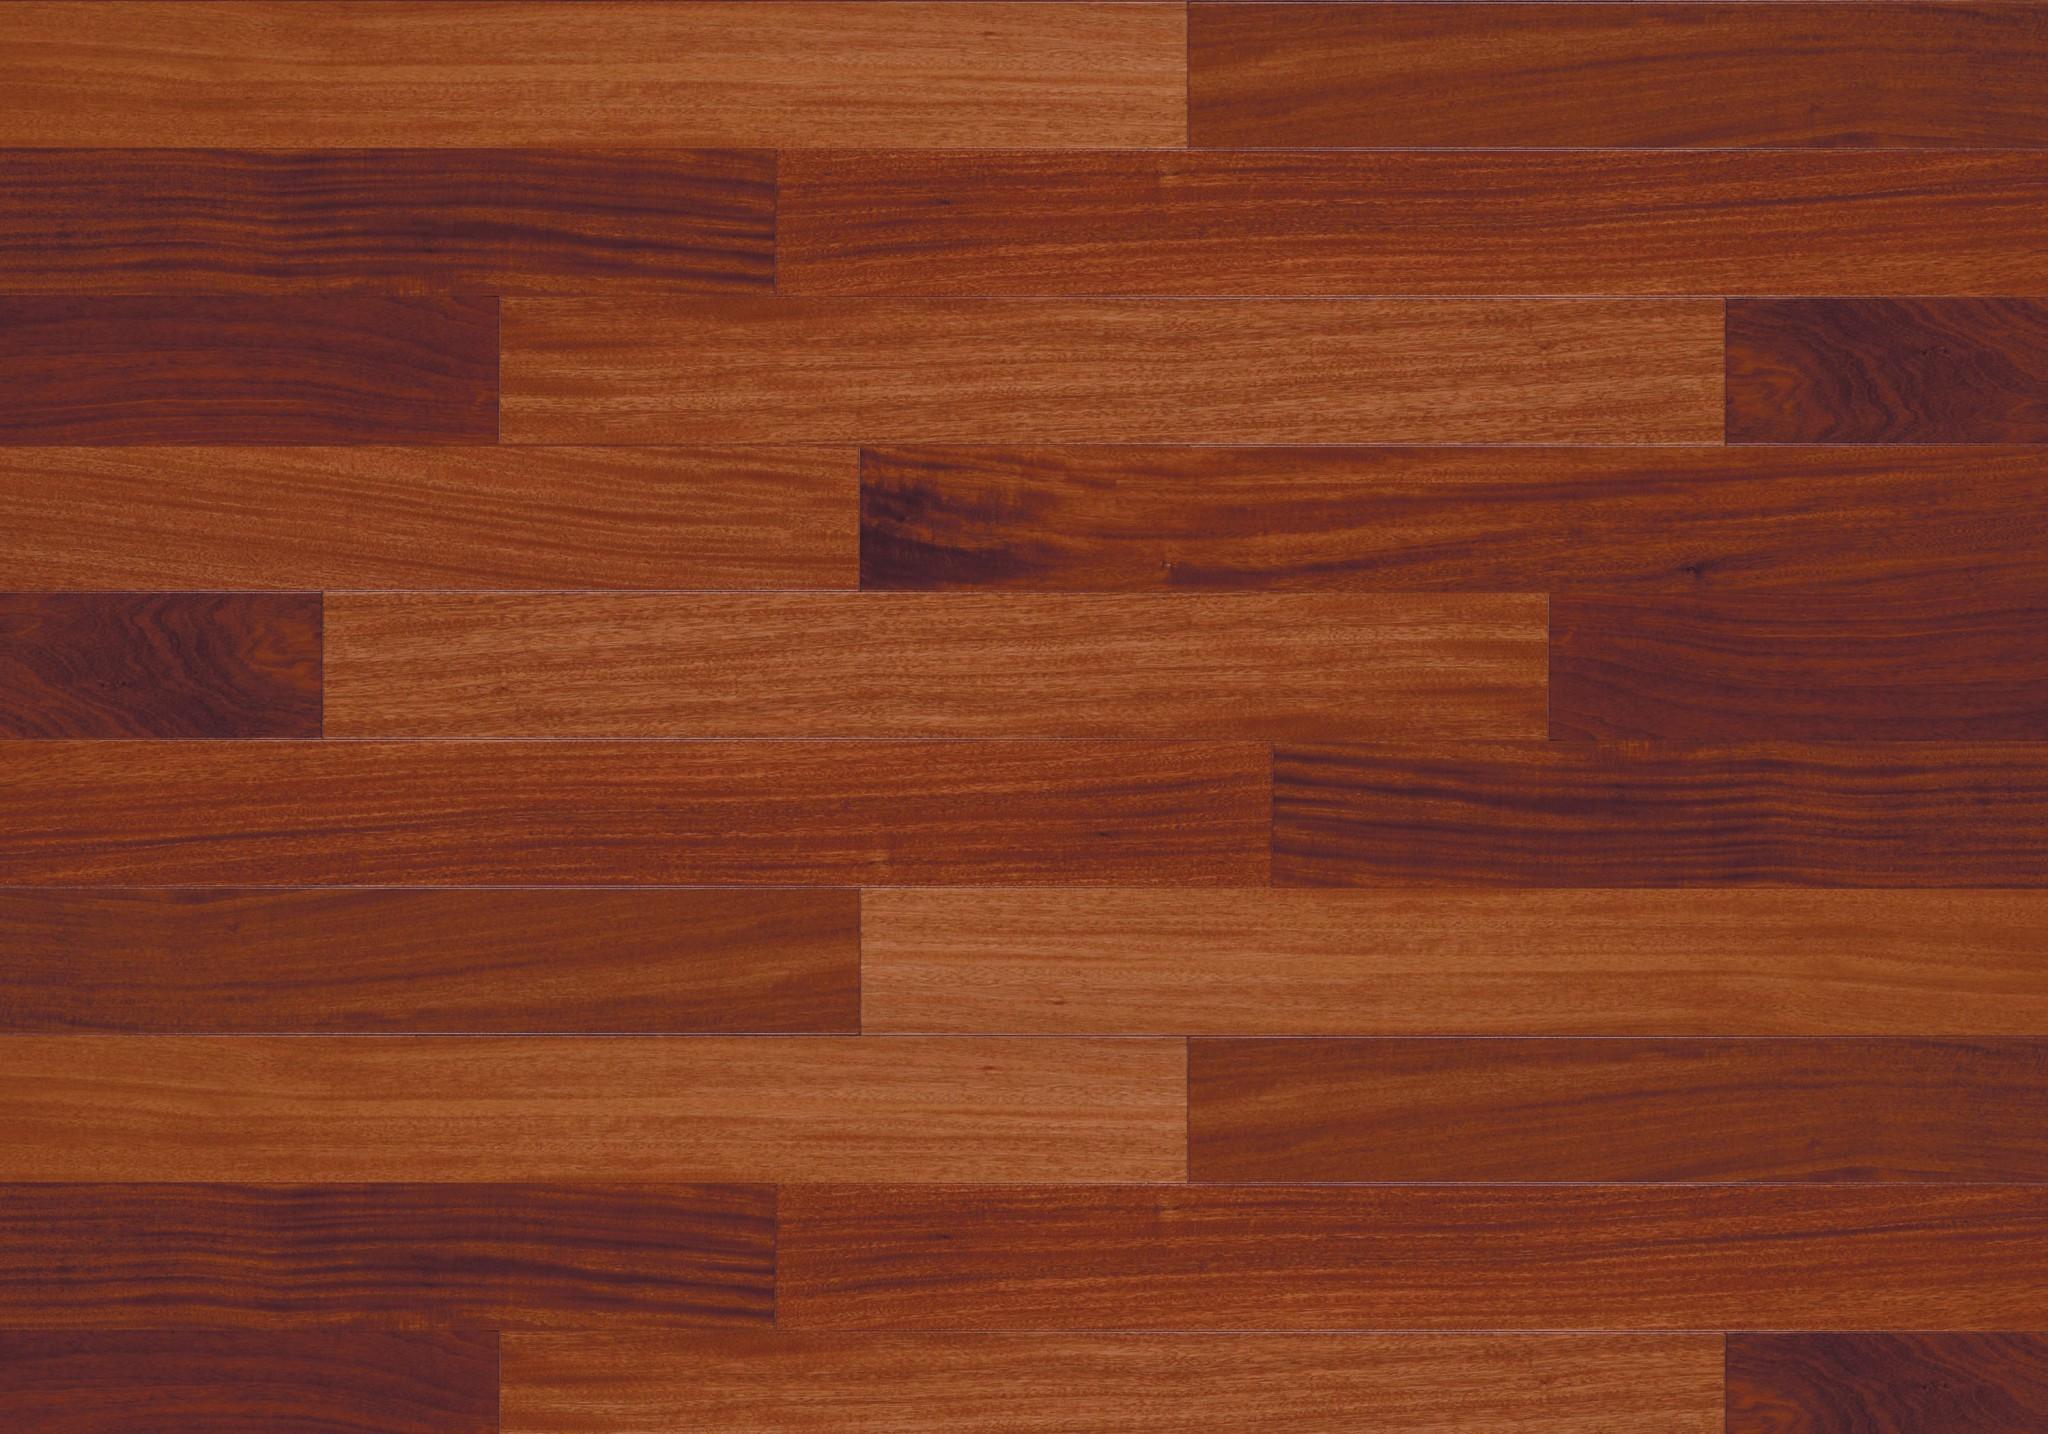 L-natural-designer-international-santos-mahogany.jpg